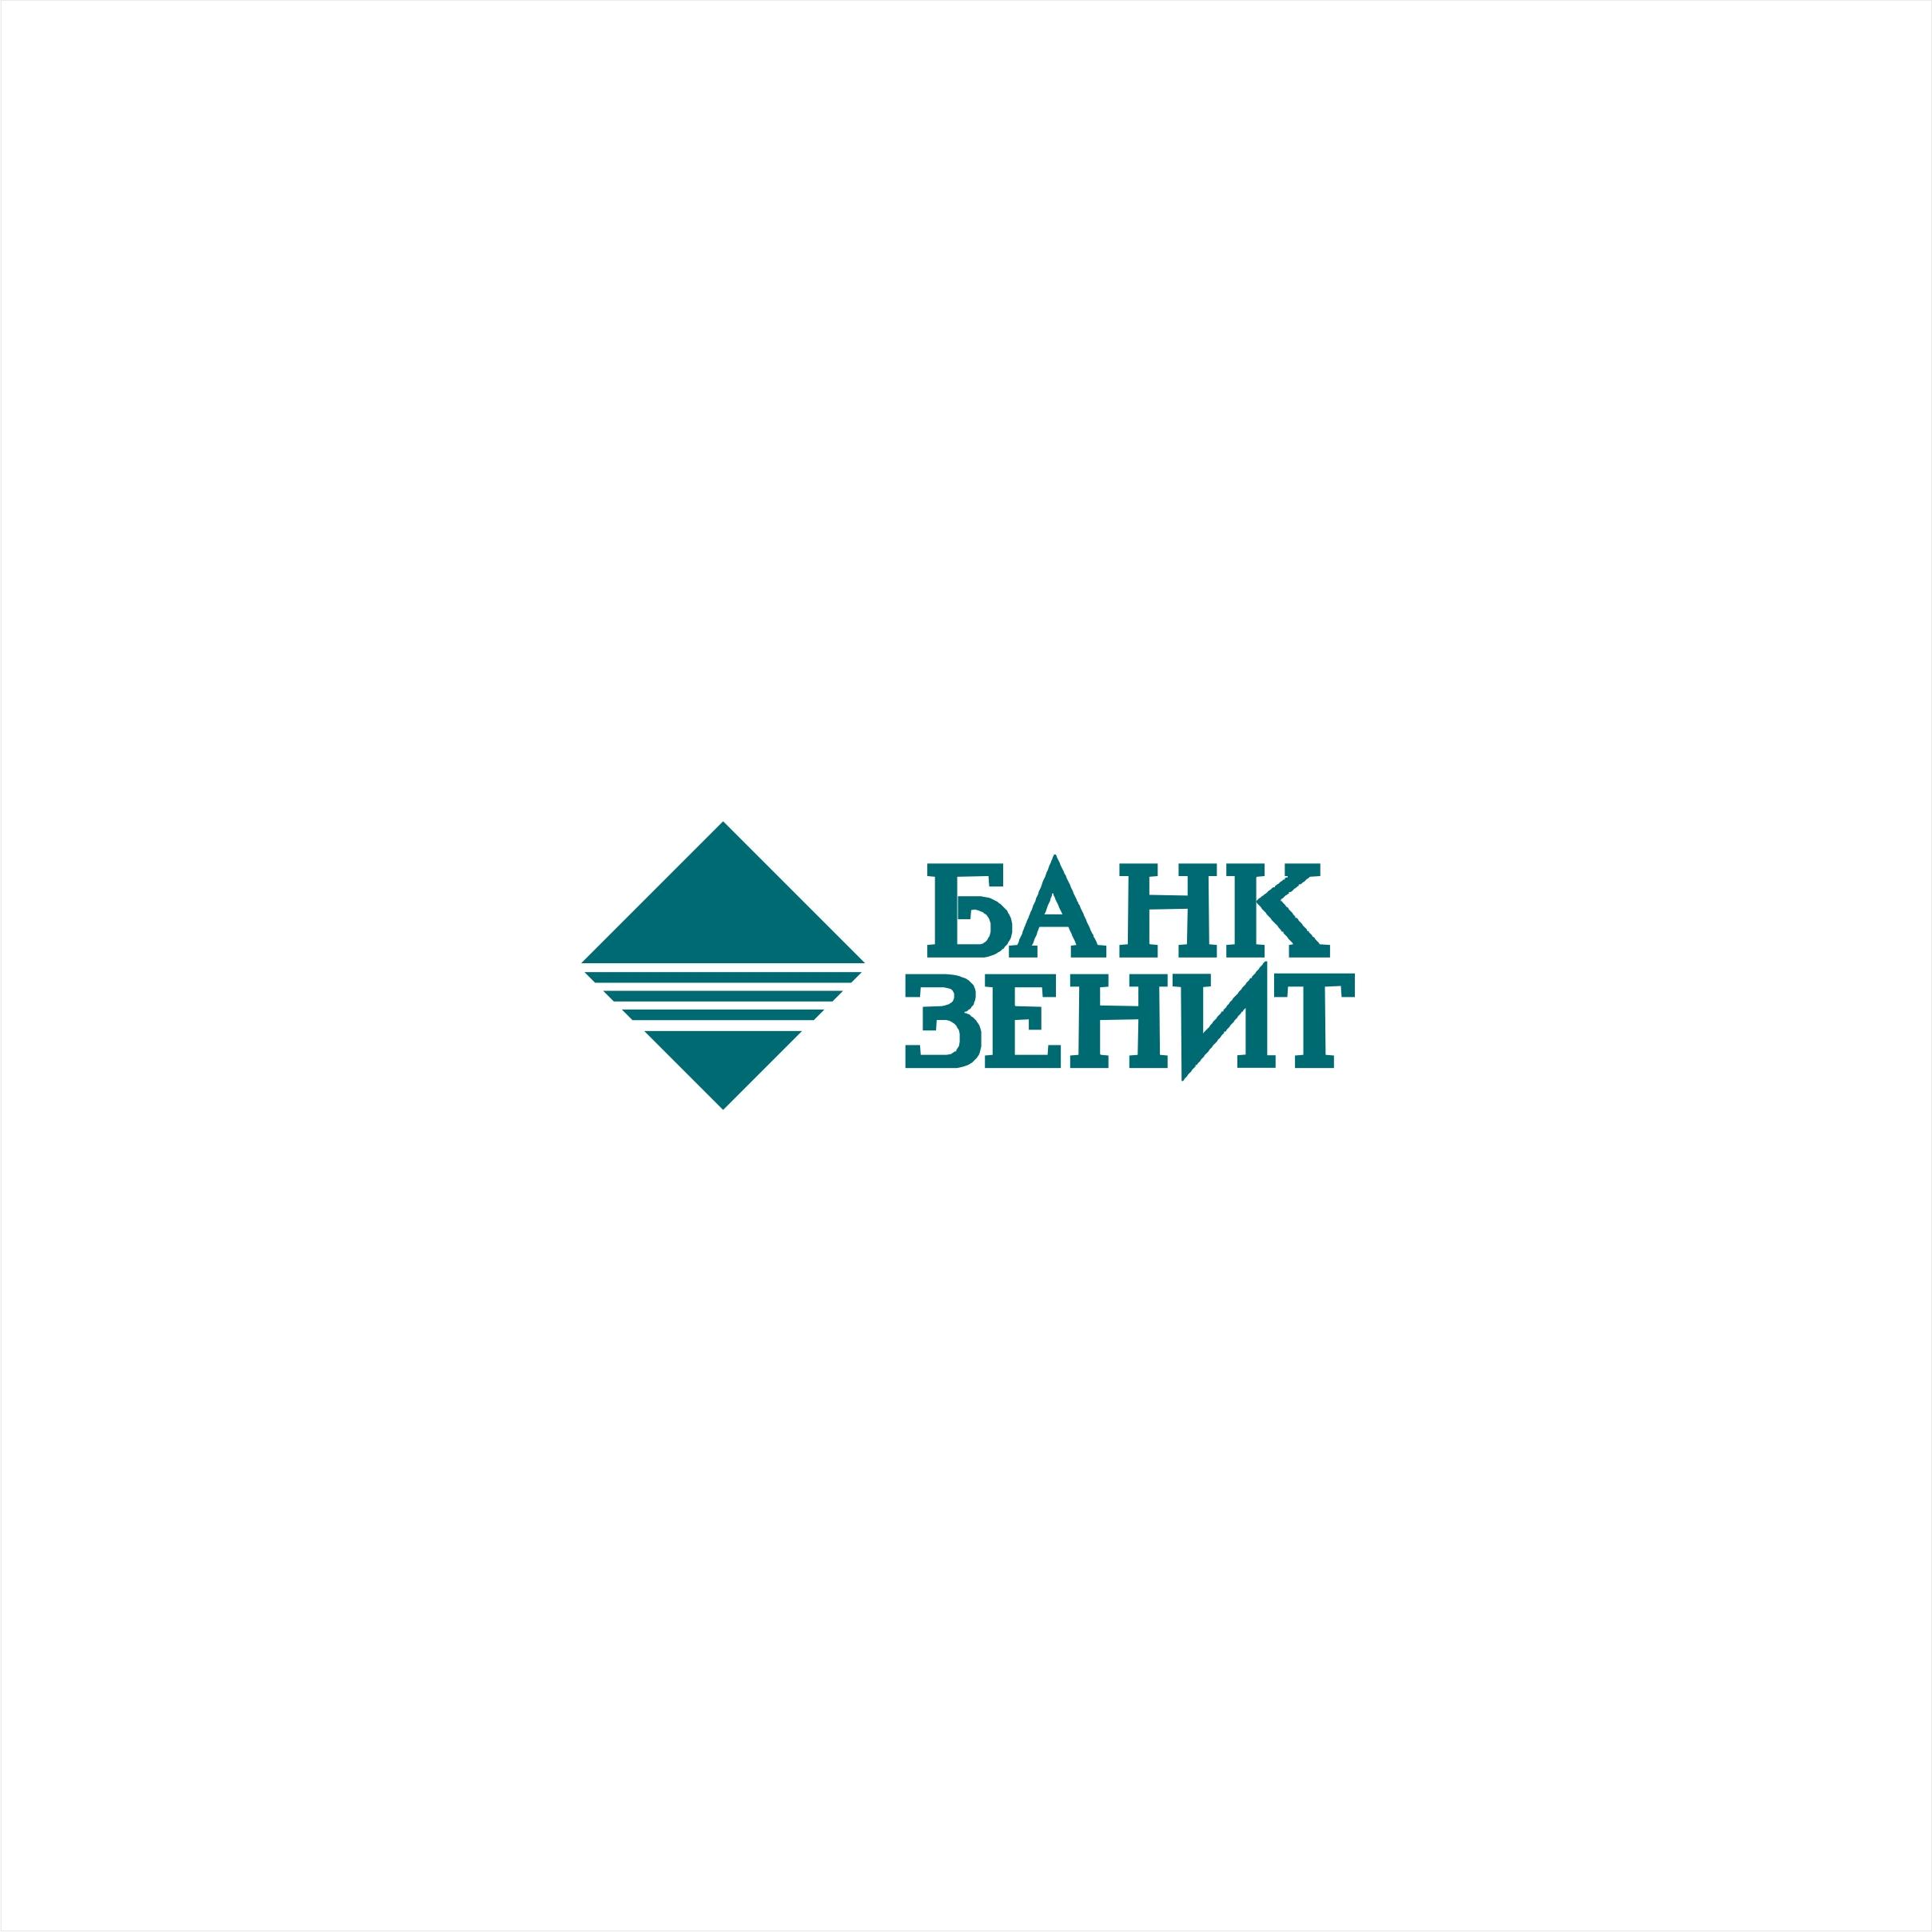 Разработка логотипа для Банка ЗЕНИТ фото f_4535b489e514ea66.jpg